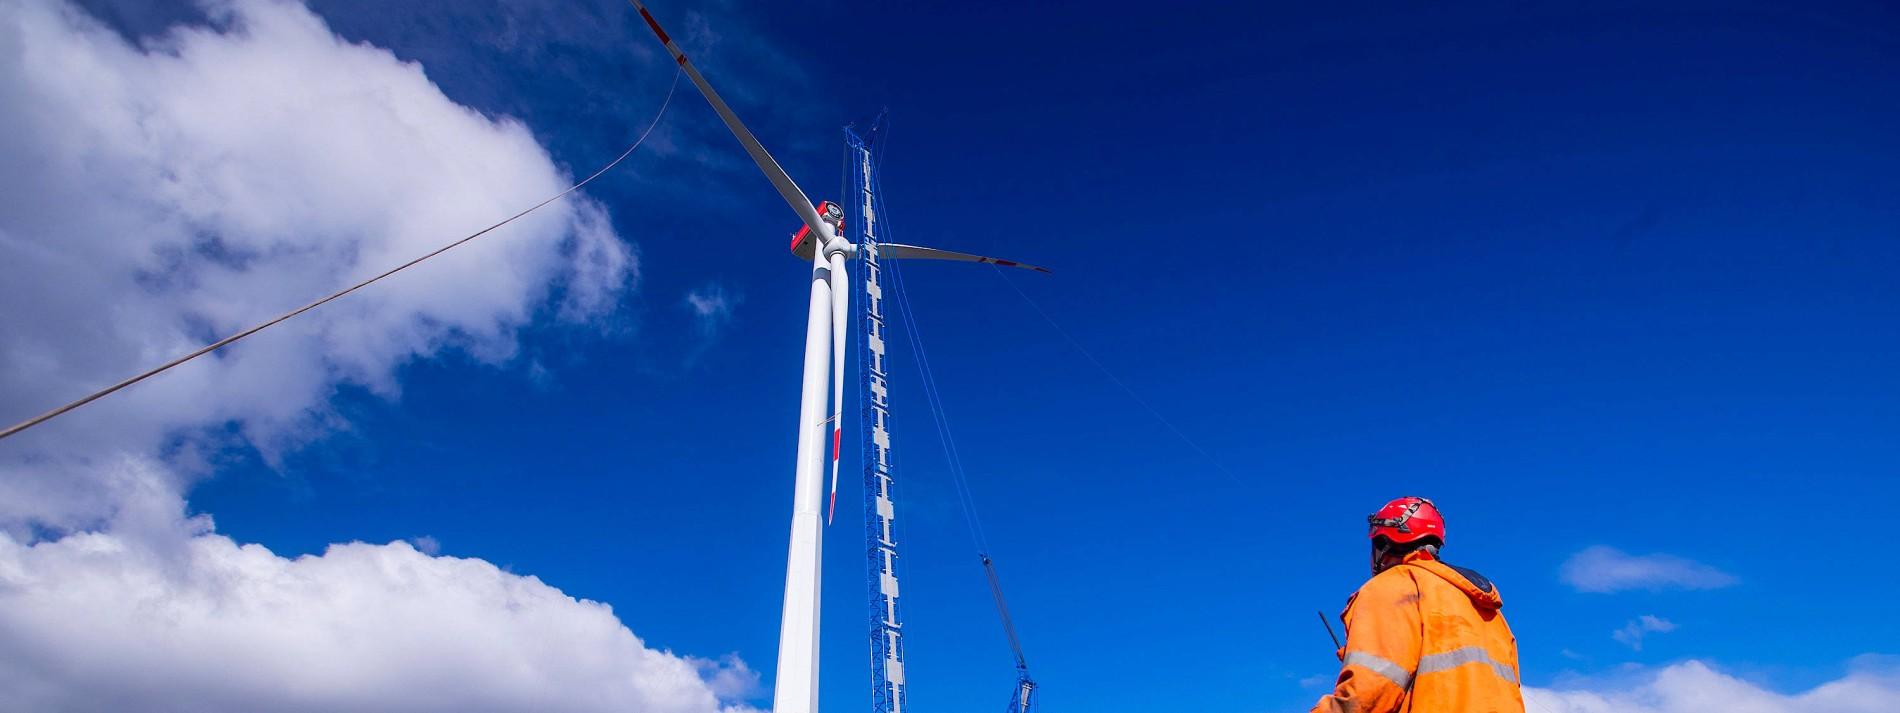 Bund und Länder einig über mehr Windkraftanlagen auf See